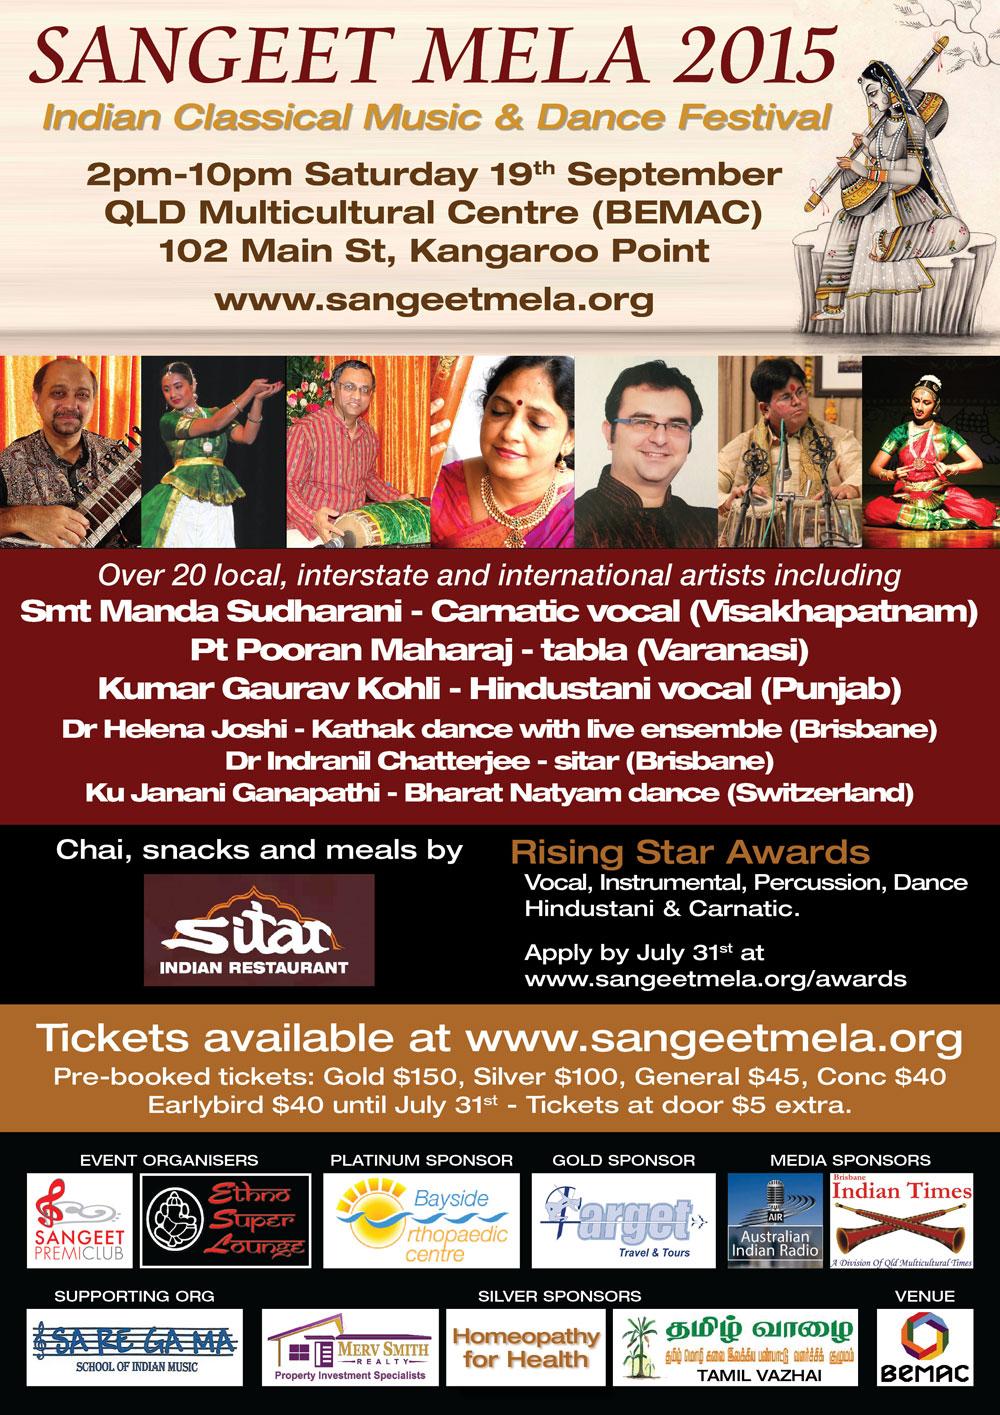 Sangeet Mela 2015 flyer